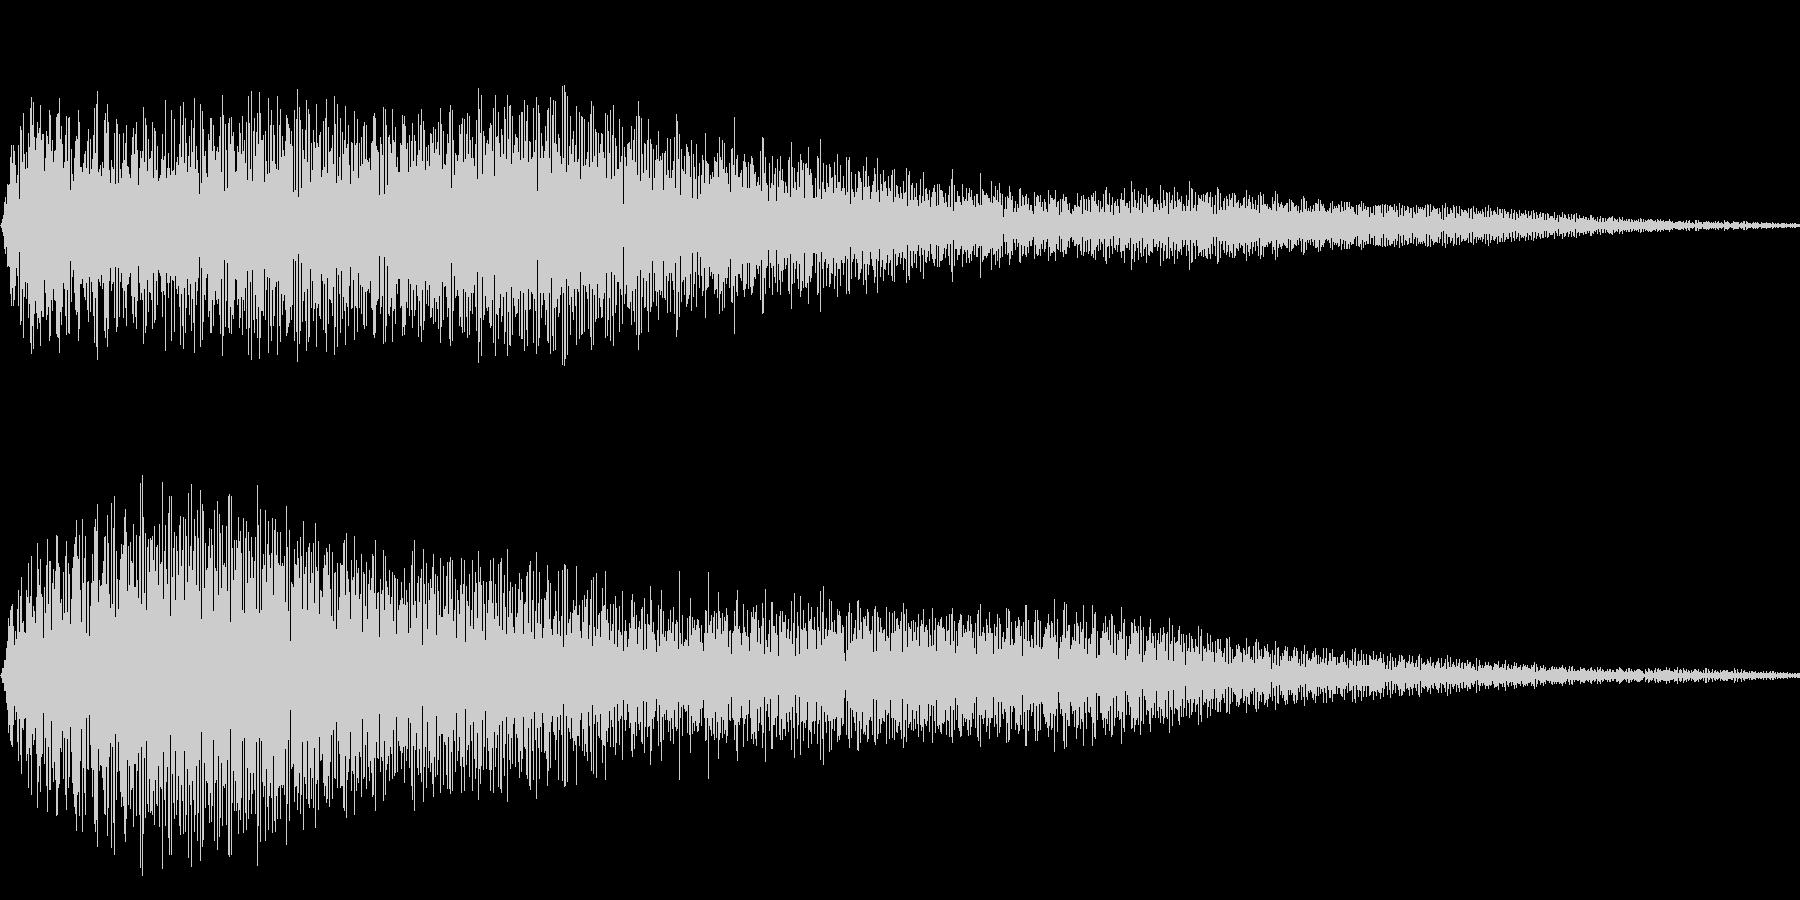 ピロン(メニュー画面 調べる ゲーム)の未再生の波形